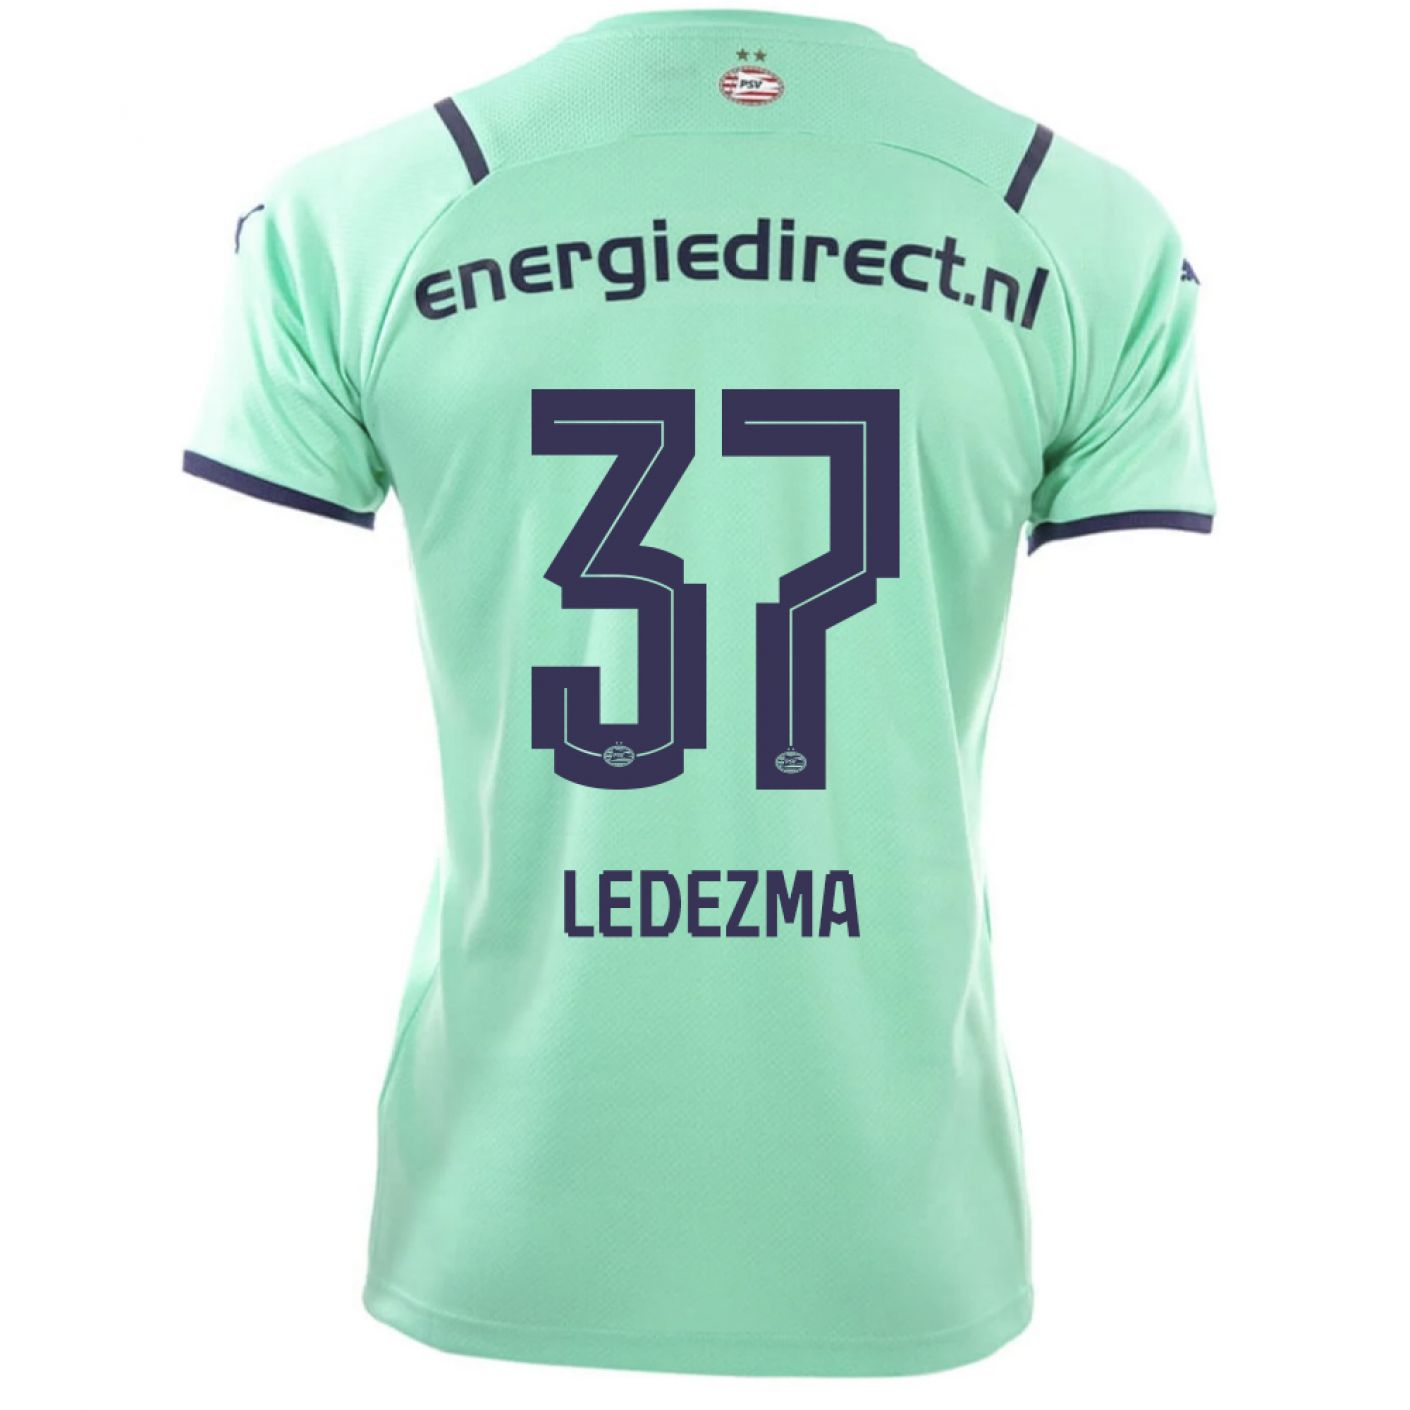 PSV Ledezma 37 Derde Shirt Authentic 21/22